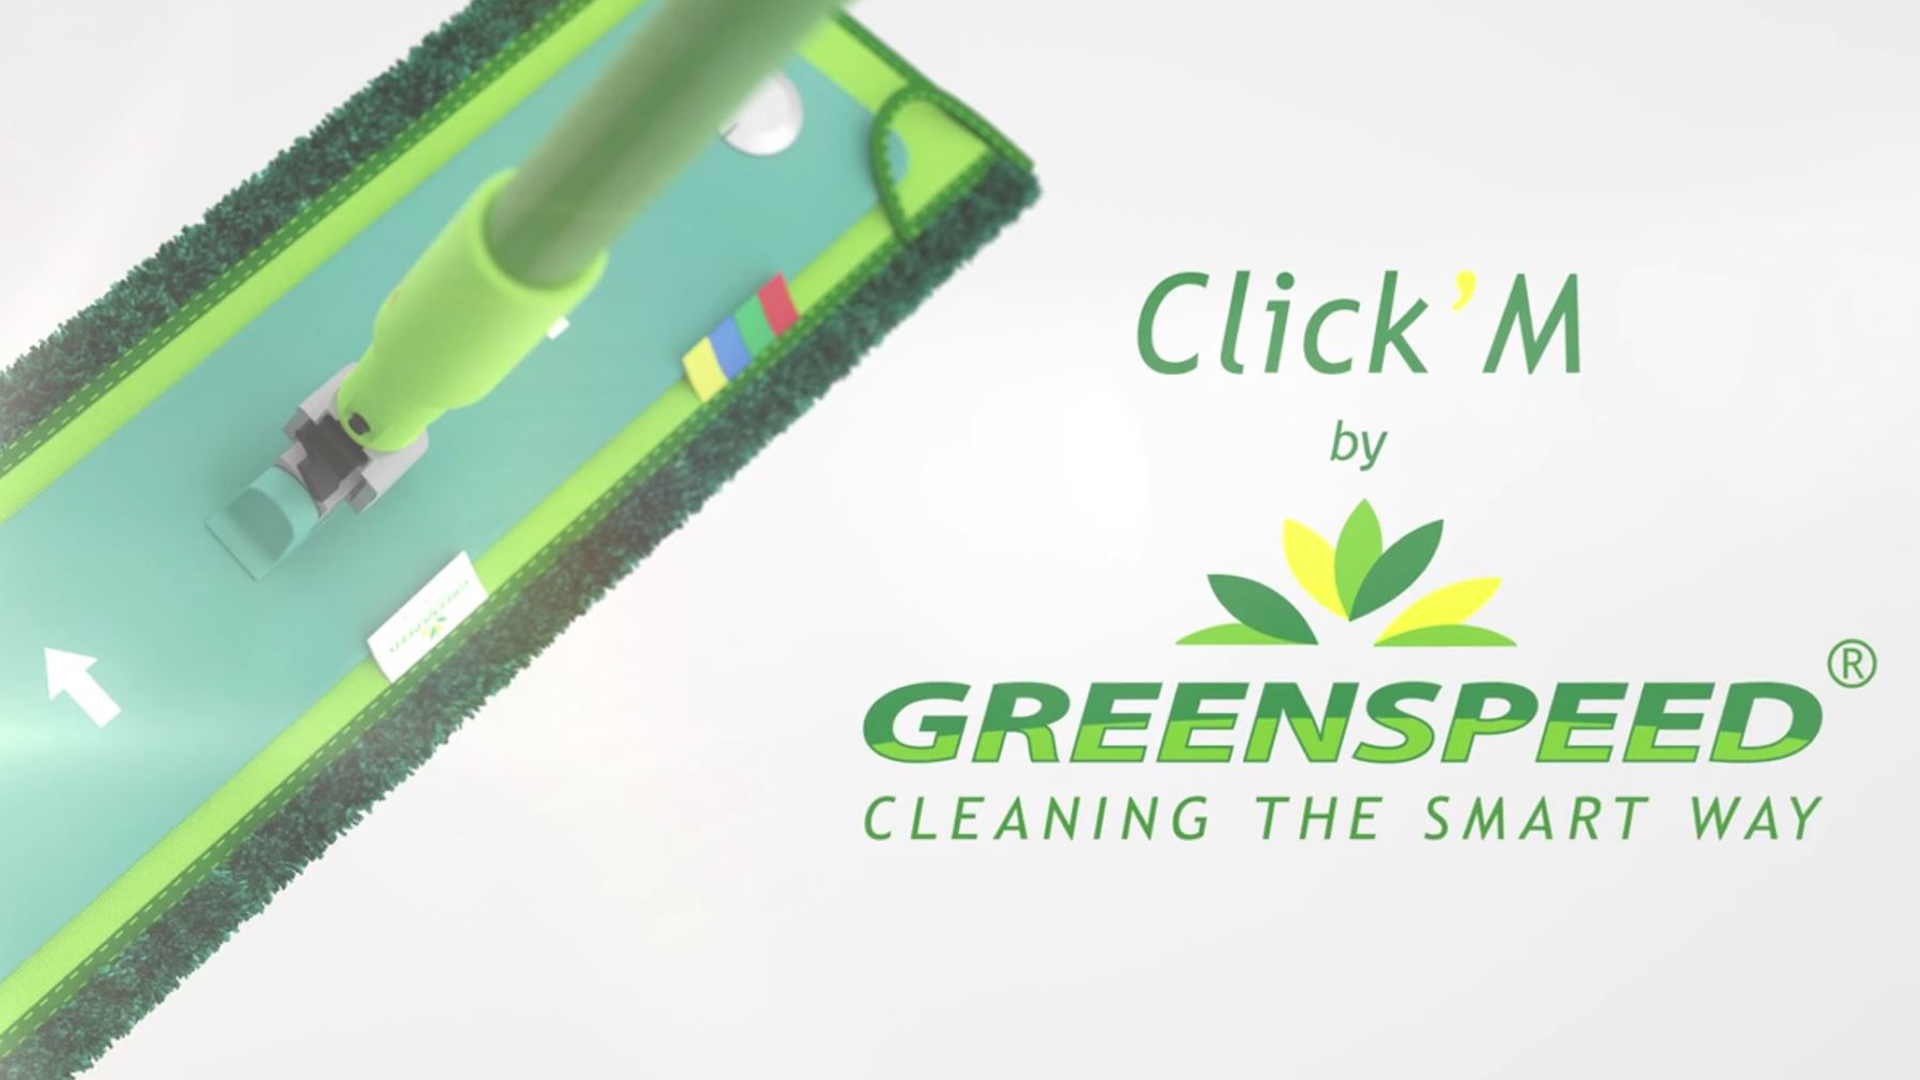 Greenspeed005.JPG.jpg